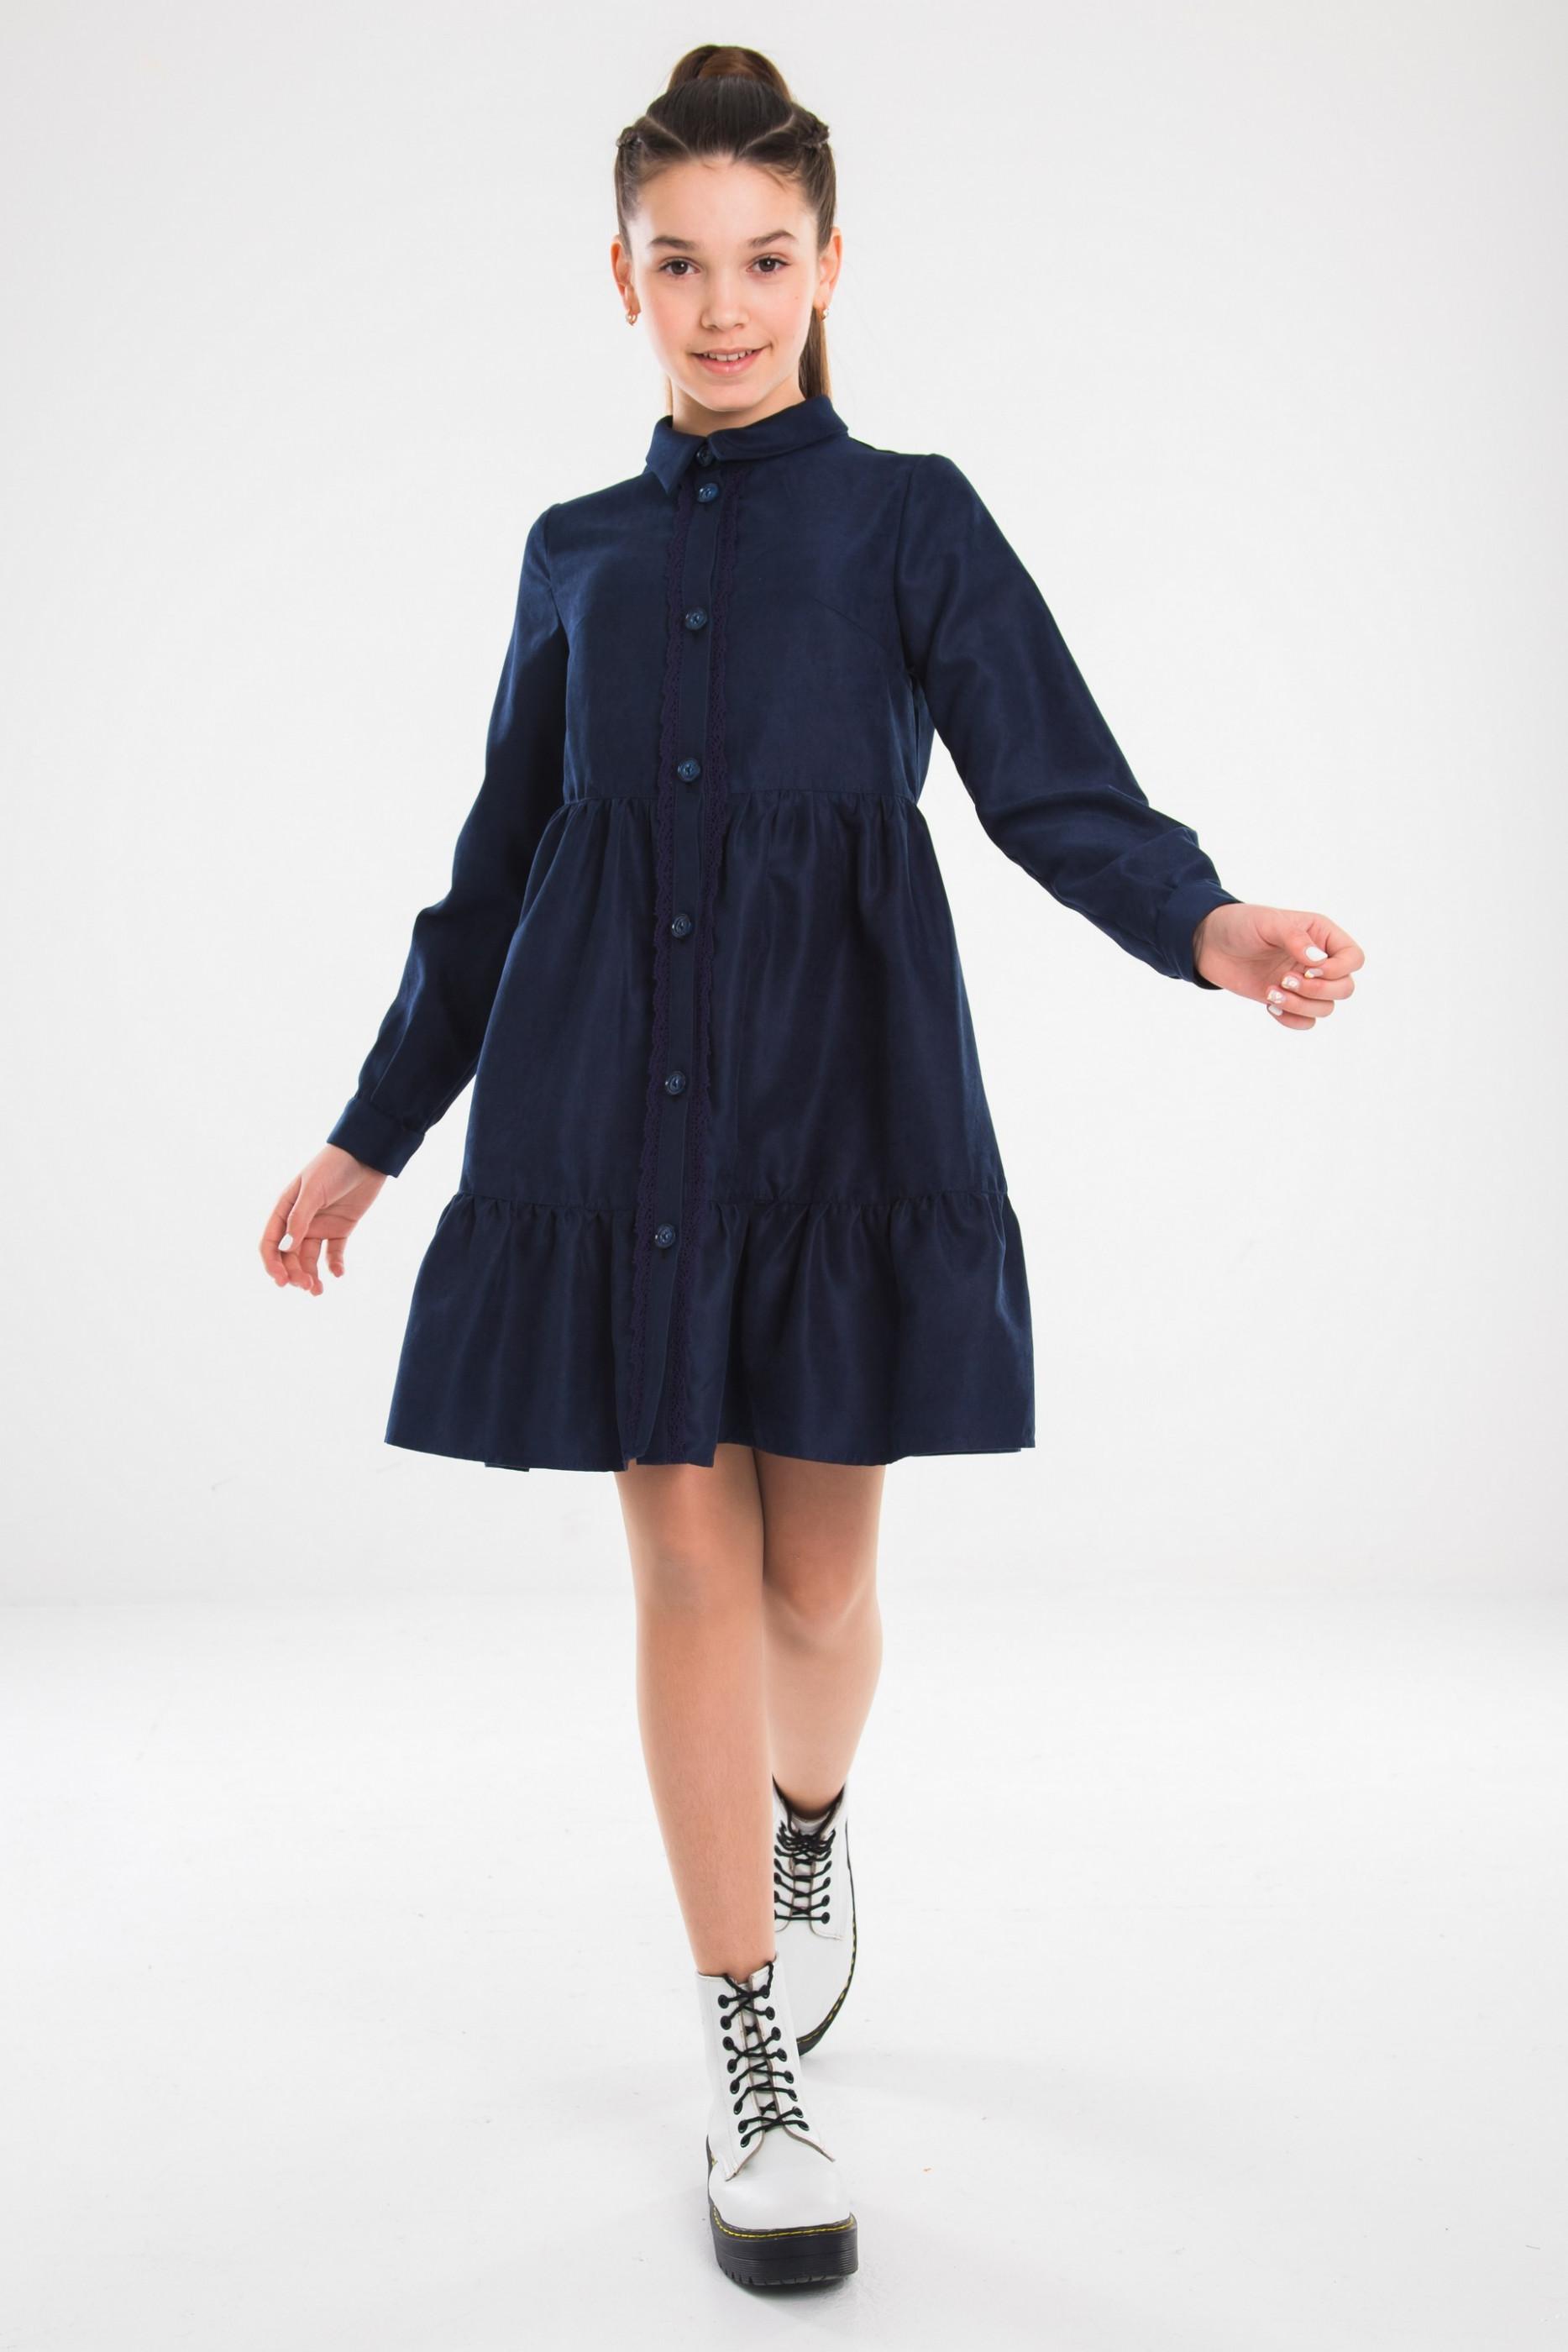 Плаття Норін, фото №1